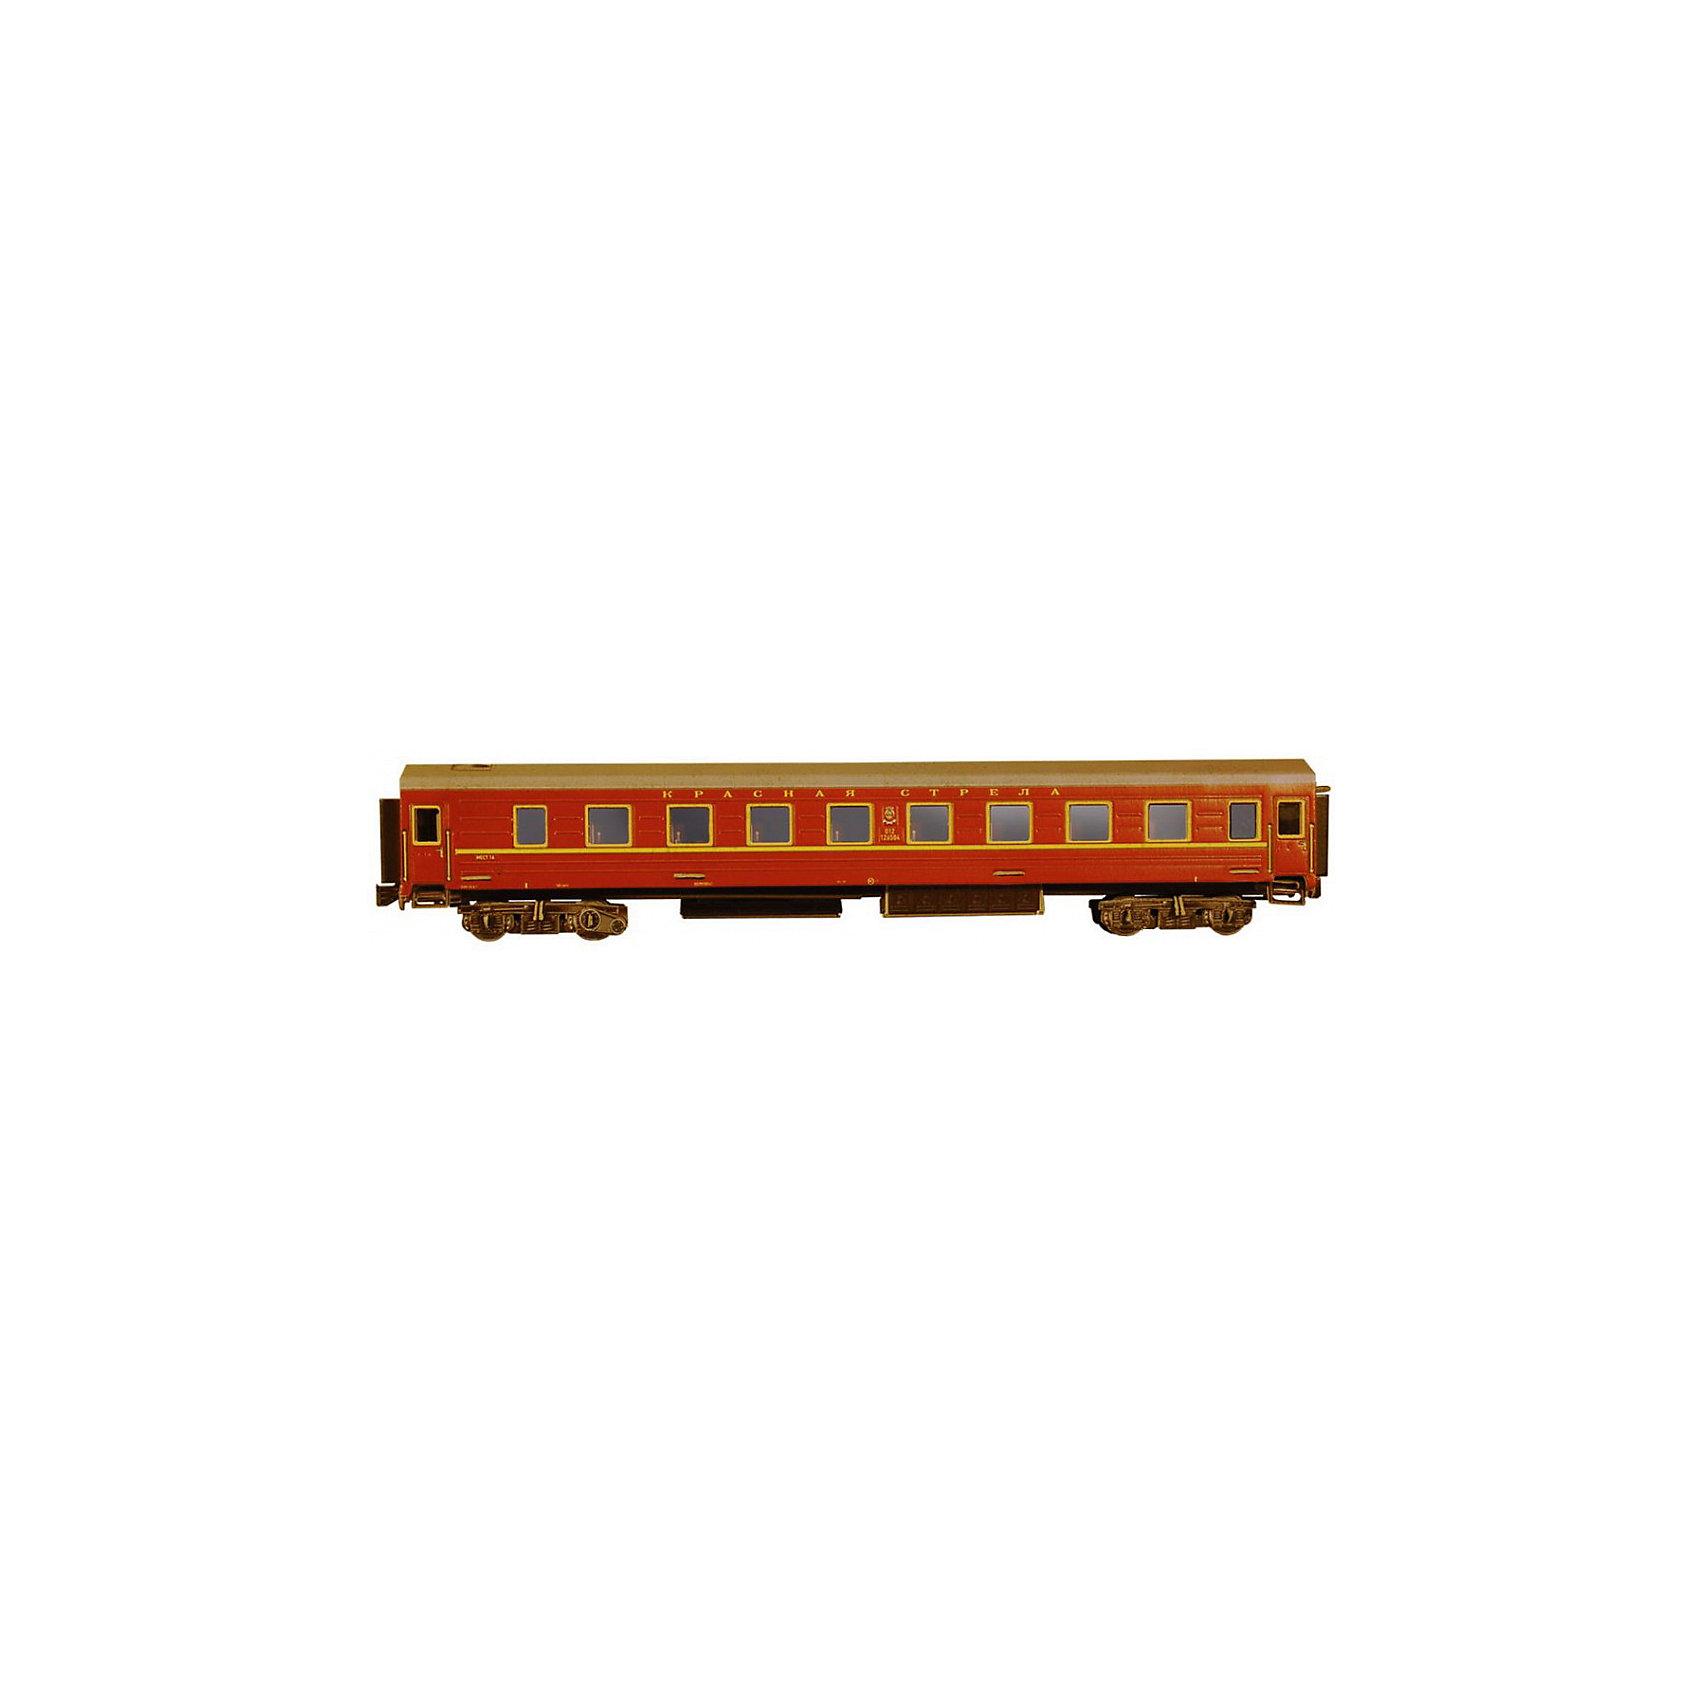 Сборная модель Спальный вагон Красная стрелаСпальный вагон КРАСНАЯ СТРЕЛА (Эпоха IV) - Сборная модель из картона. Серия: Масштабные модели. Количество деталей, шт: 59. Размер в собранном виде, см: 29 х 4 х 5,5. Размер упаковки, мм.:  высота 340 ширина 243 глубина 3. Тип упаковки: Пакет ПП с подвесом. Вес, гр.: 161. Возраст: от 9 лет. Все модели и игрушки, созданные по технологии УМНАЯ БУМАГА собираются без ножниц и клея, что является их неповторимой особенностью.<br>Принцип соединения деталей запатентован. Соединения деталей продуманы и просчитаны с такой точностью, что при правильной сборке с моделью можно играть, как с обычной игрушкой.<br><br>Ширина мм: 243<br>Глубина мм: 3<br>Высота мм: 340<br>Вес г: 161<br>Возраст от месяцев: 108<br>Возраст до месяцев: 2147483647<br>Пол: Унисекс<br>Возраст: Детский<br>SKU: 4807443